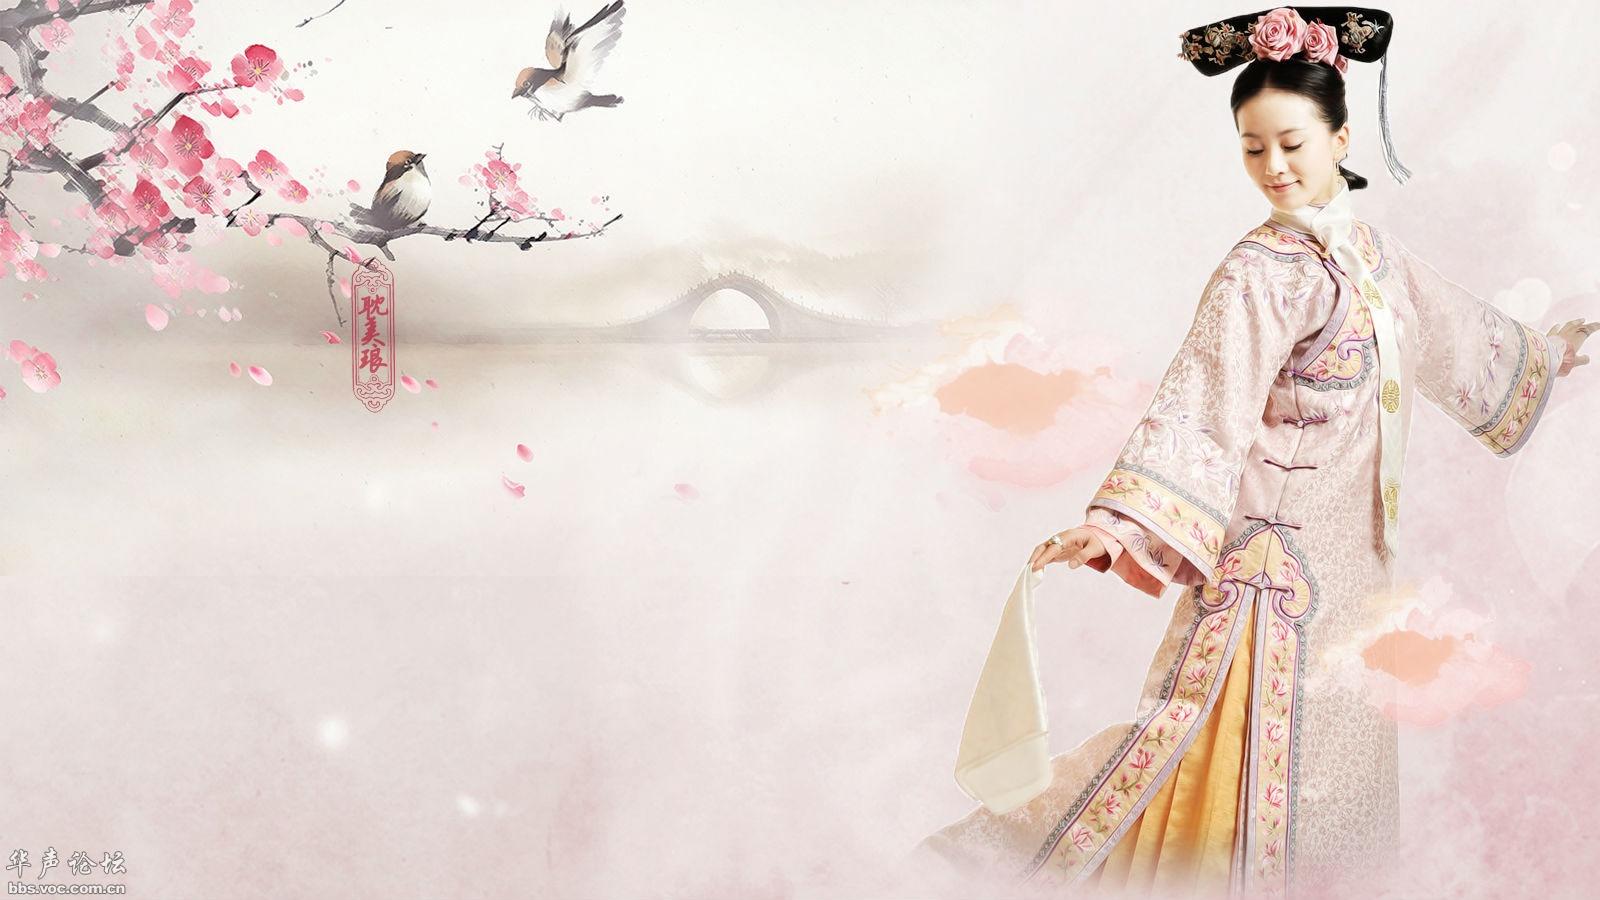 刘诗诗古装写真壁纸高清图片